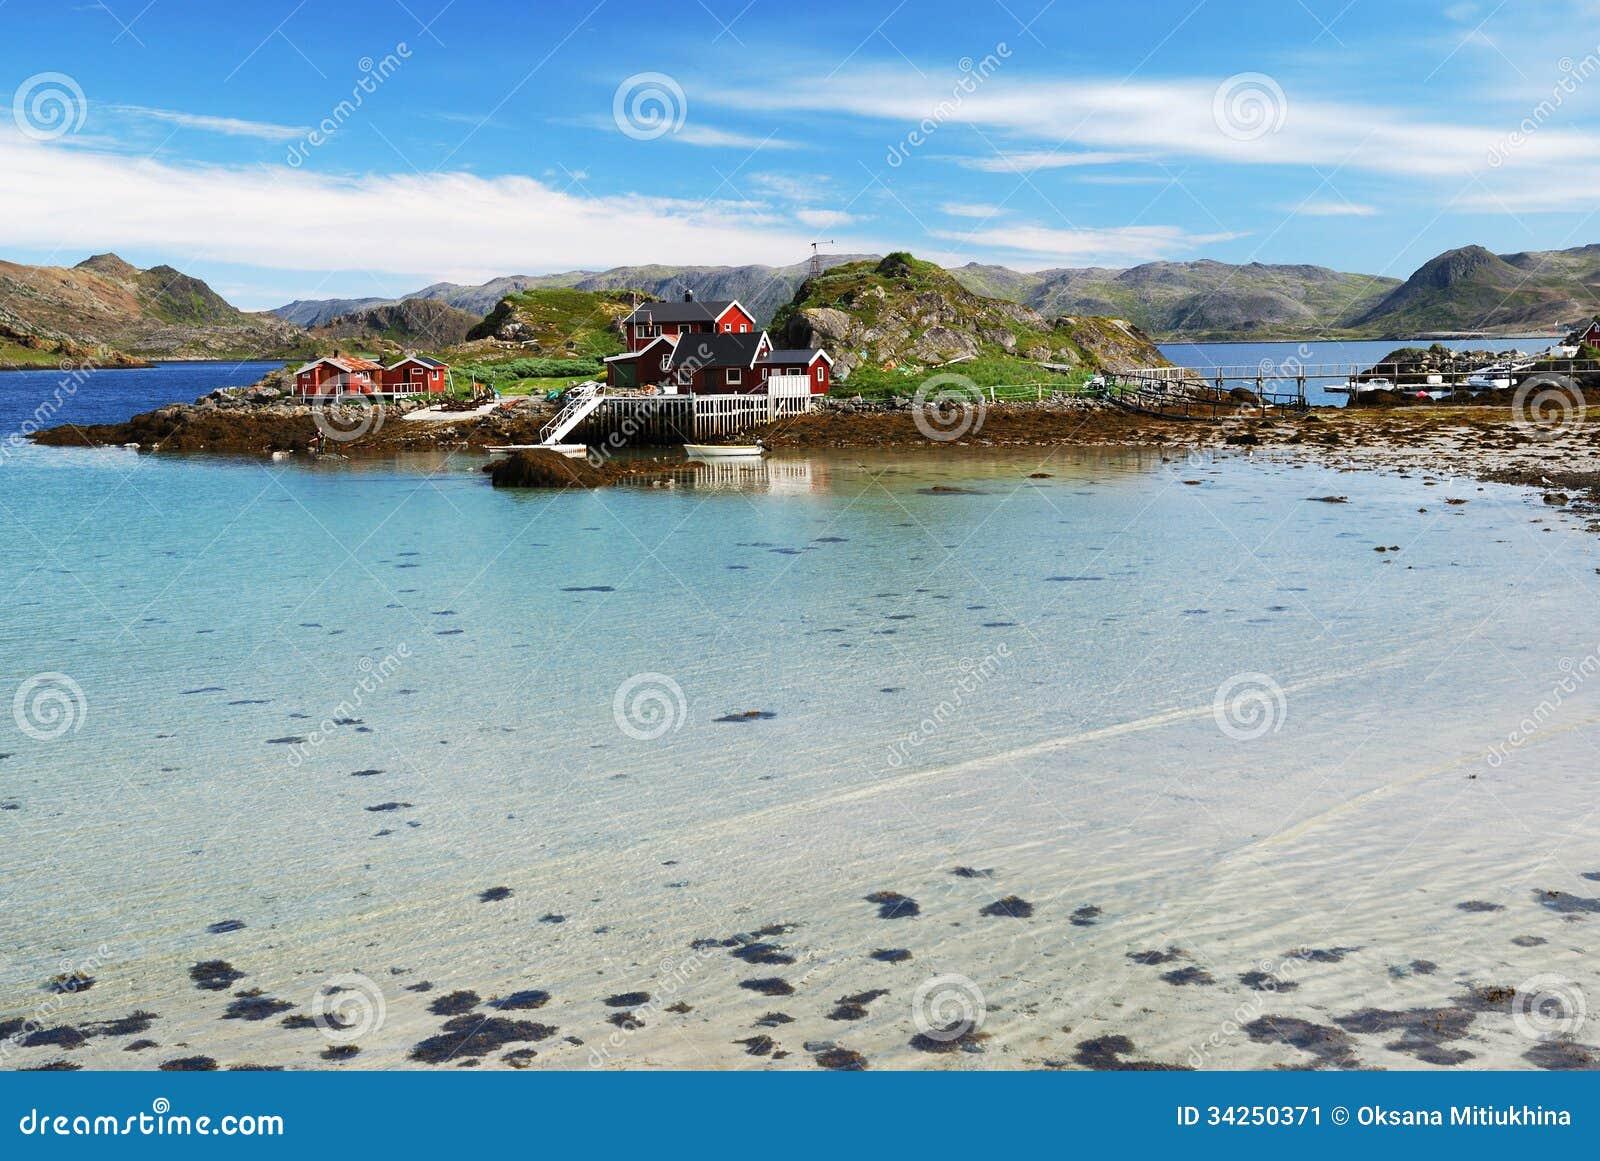 Eiland met de visserij van dorp in het midden van fjord mageroya stock afbeelding afbeelding - In het midden eiland grootte ...